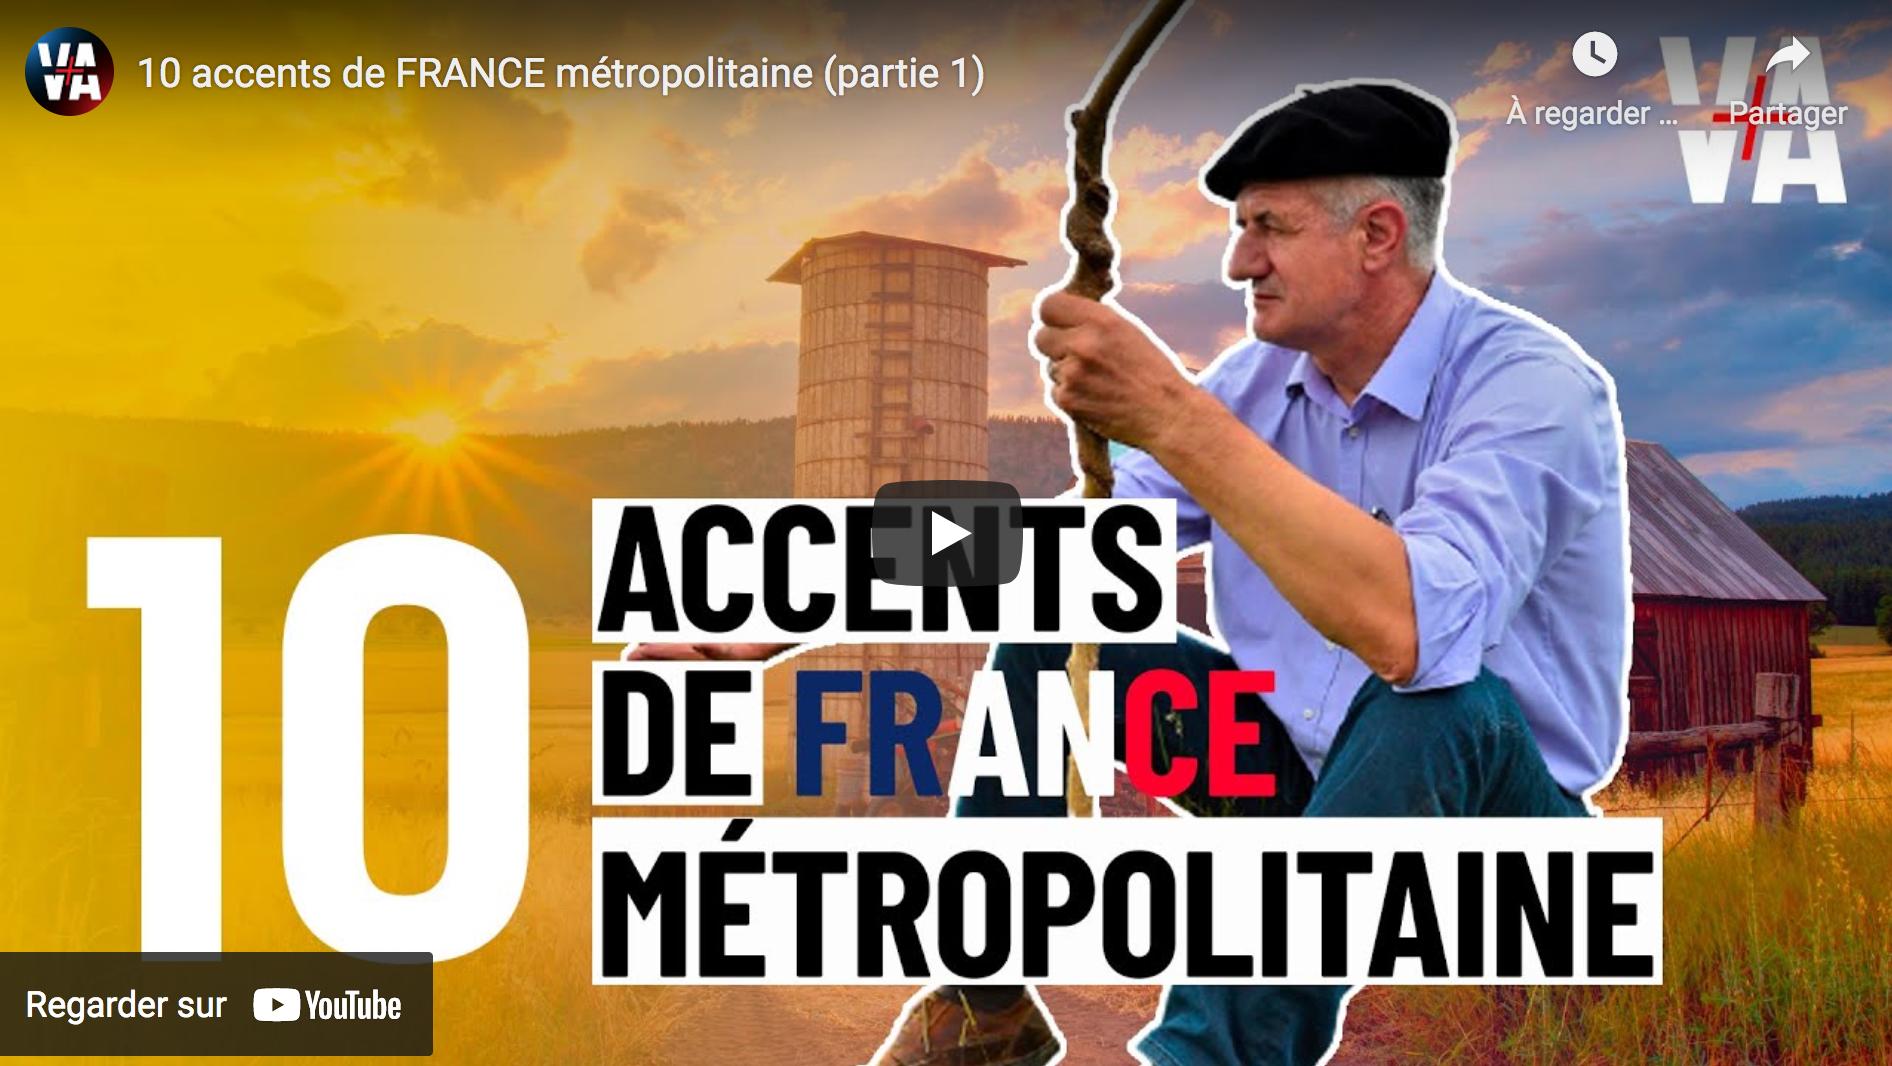 10 accents de France métropolitaine (partie 1)